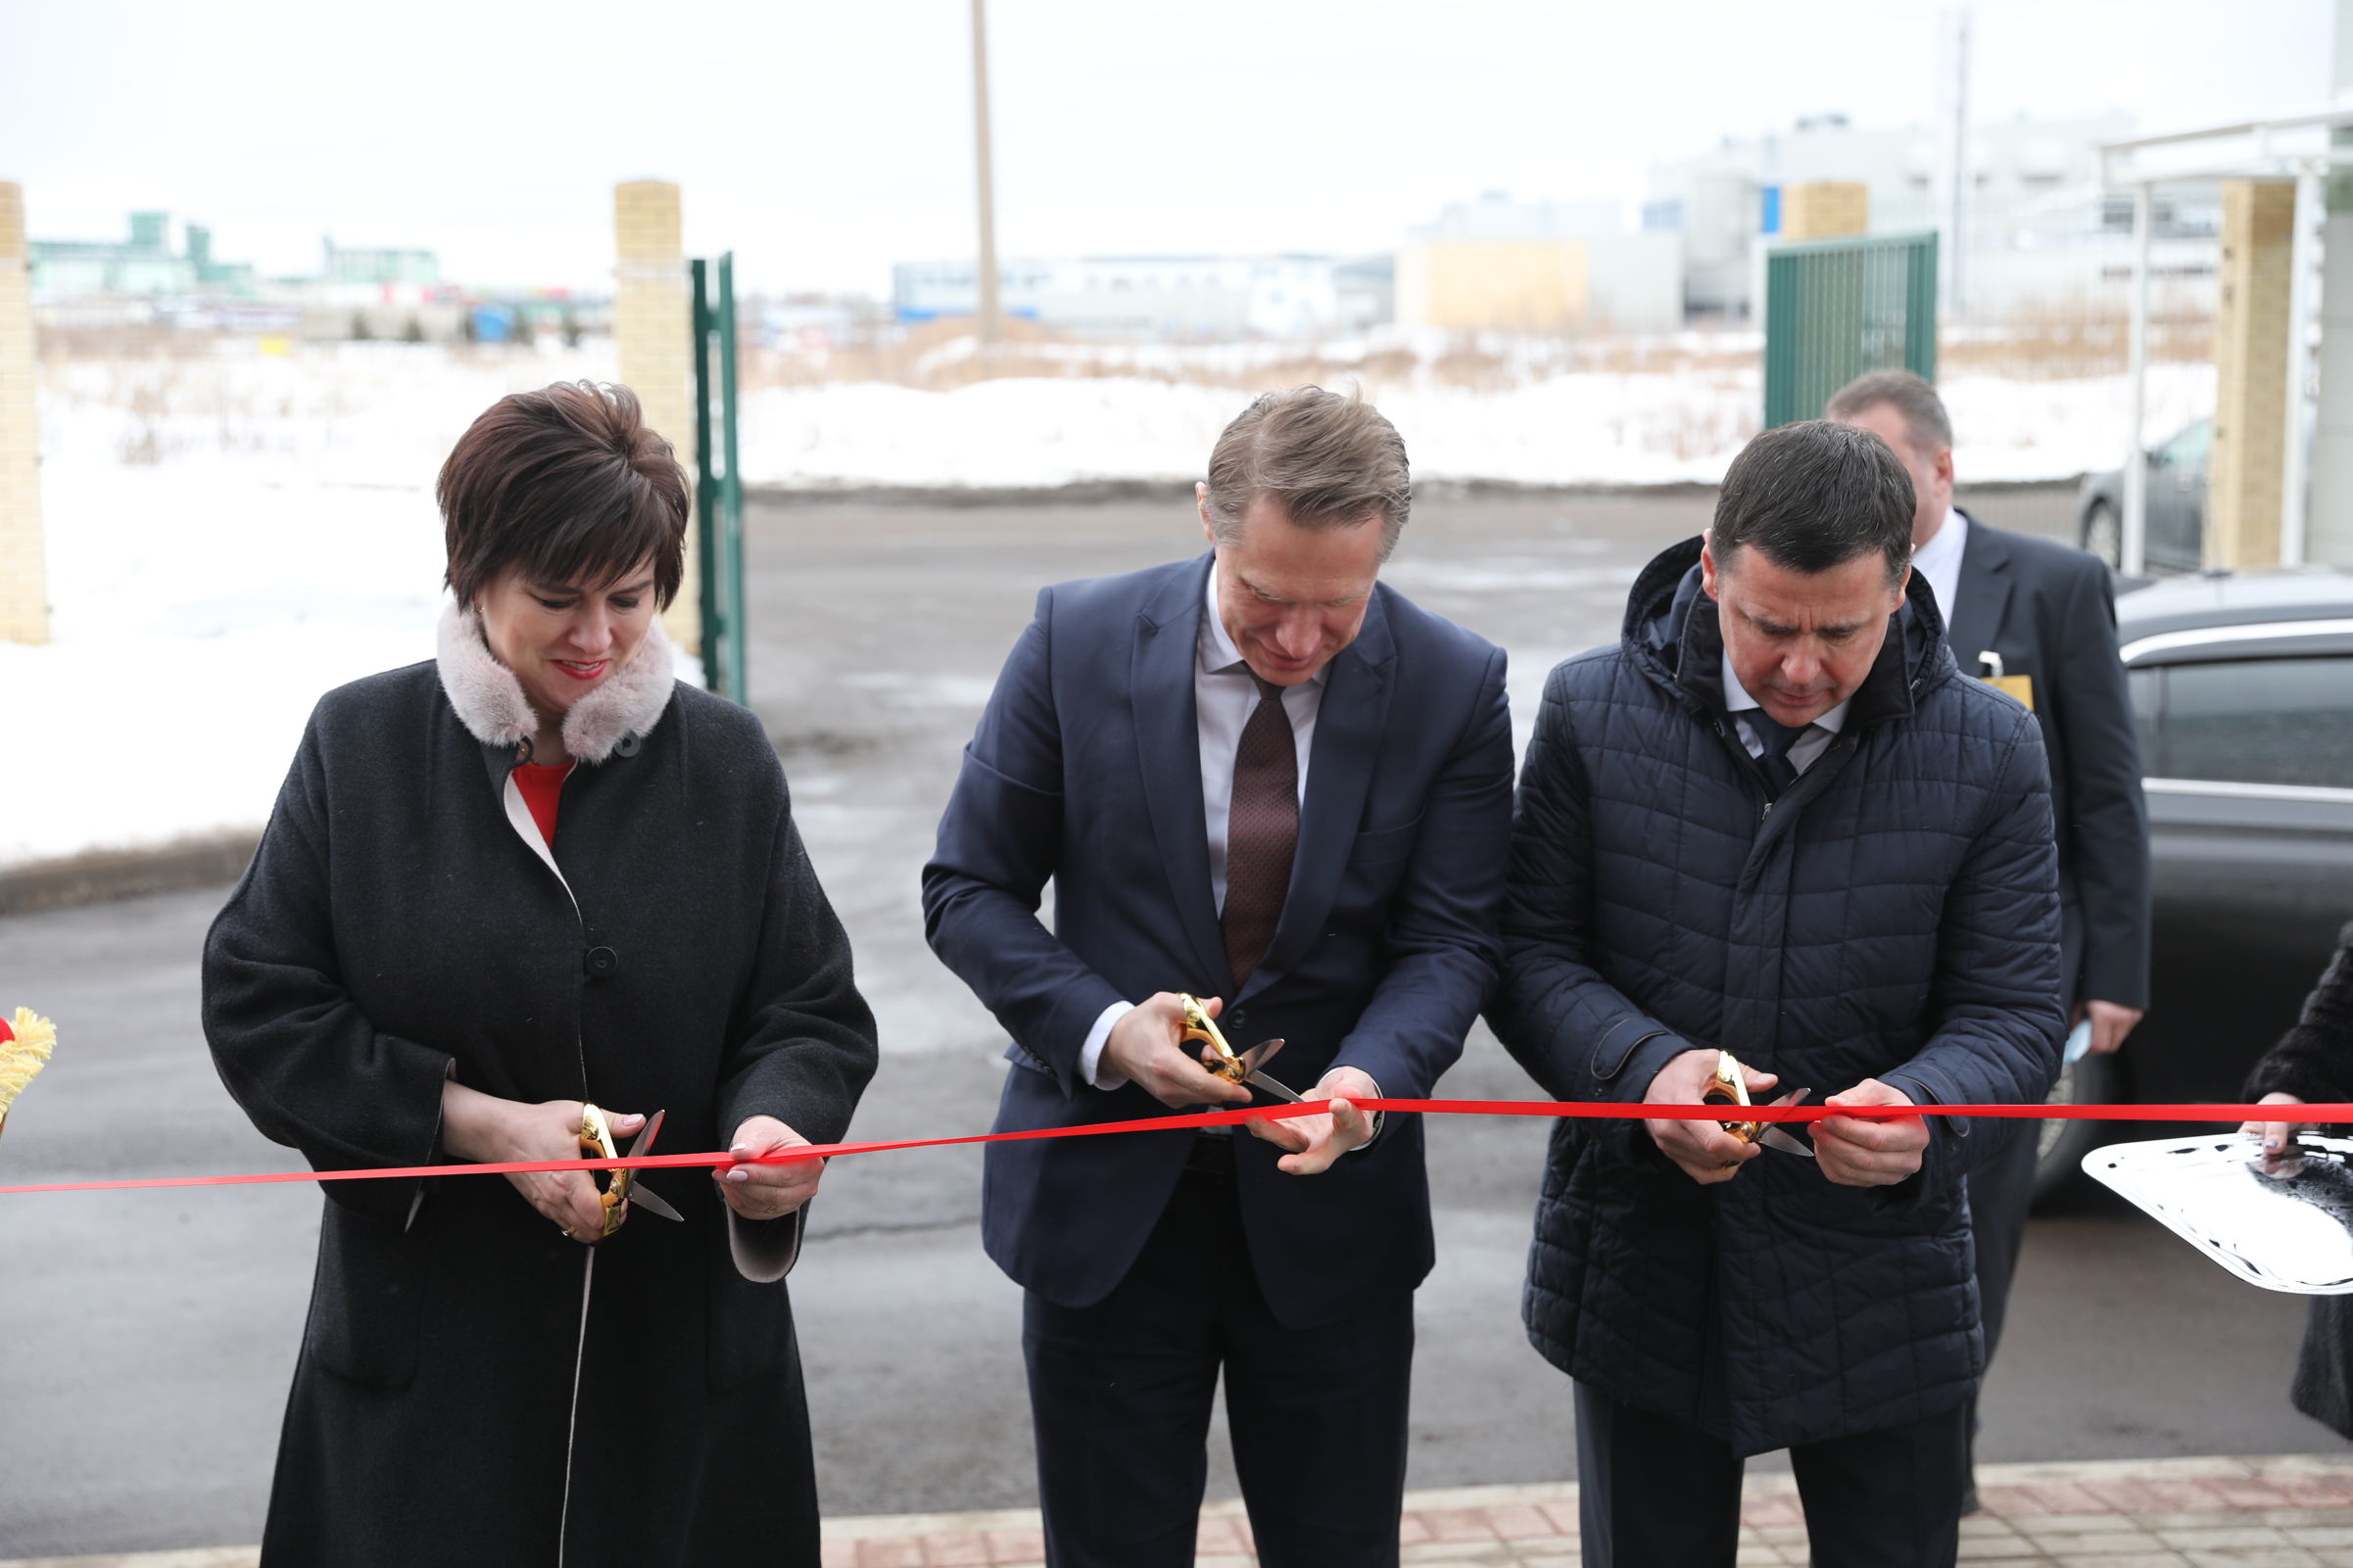 Министр здравоохранения РФ вместе с губернатором Дмитрием Мироновым открыли лабораторный комплекс ярославского филиала Росздравнадзора